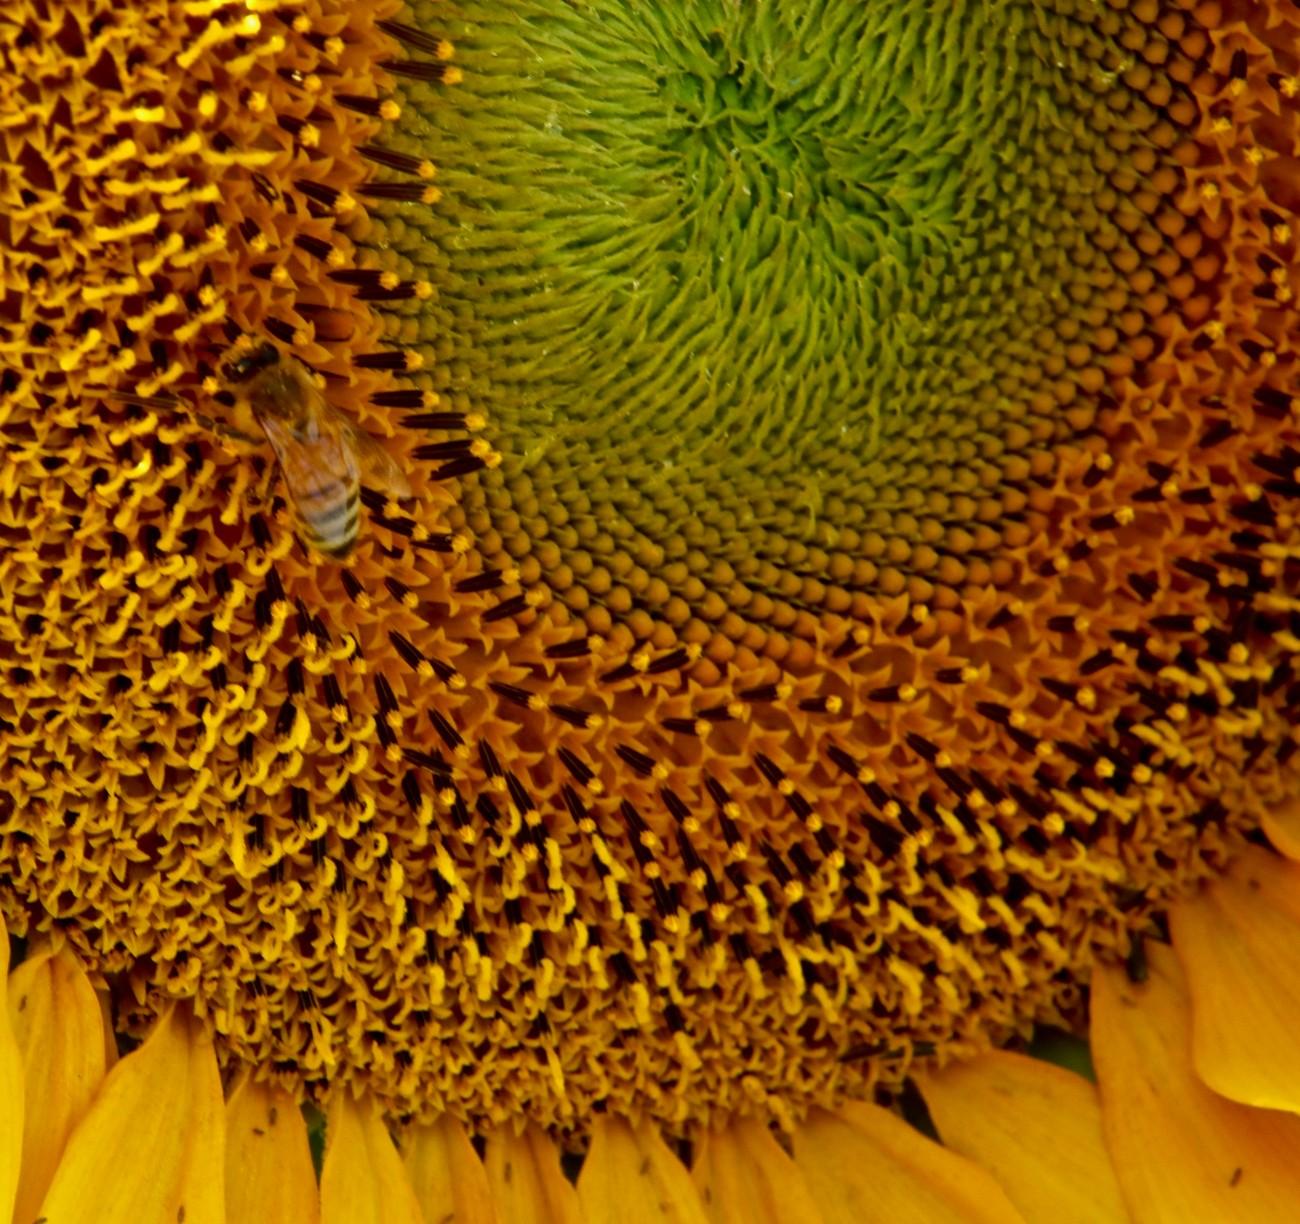 Making honey from sunflowers